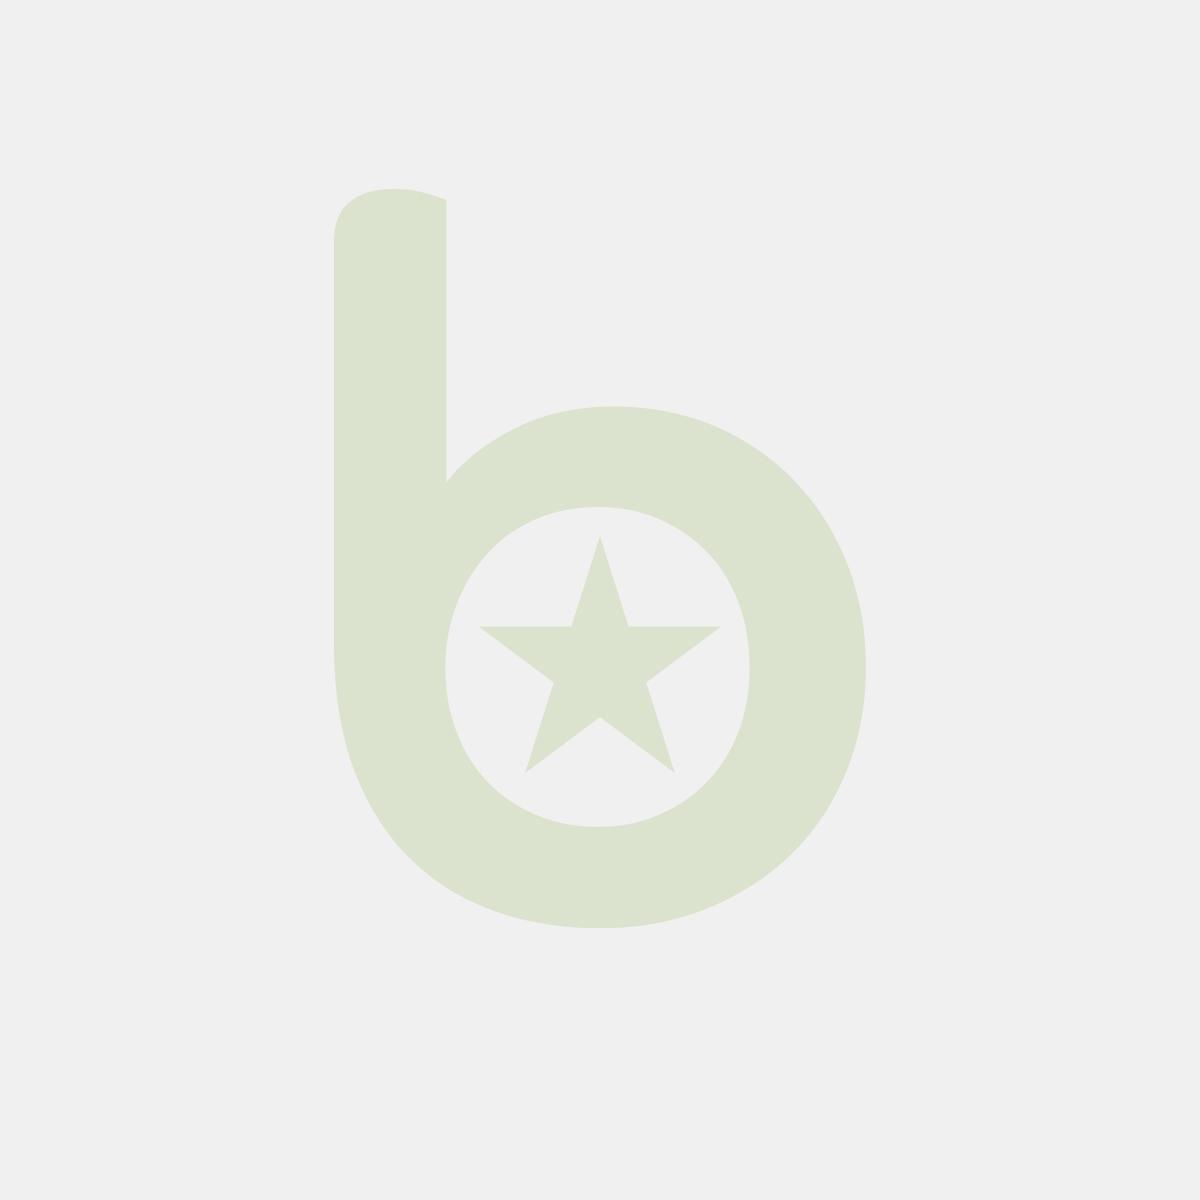 Wkład Express 775 do długopisu SCHNEIDER, M, format X20, zielony